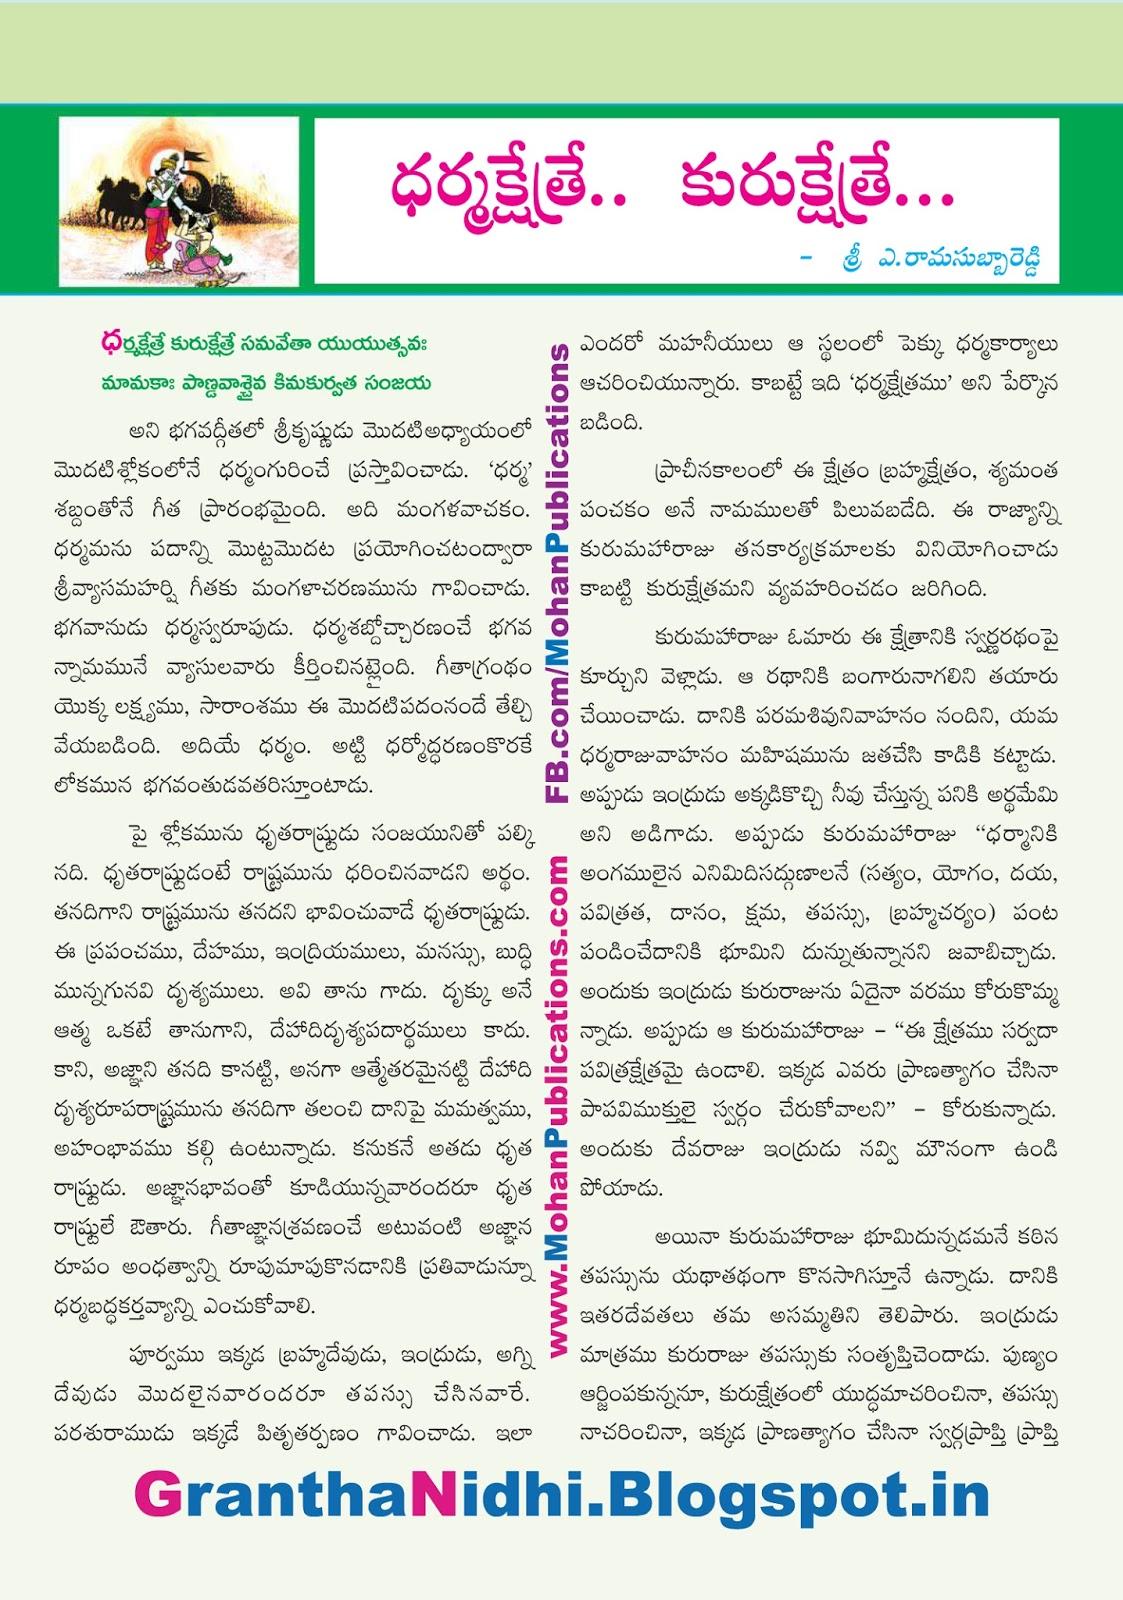 ధర్మక్షేత్రే కురుక్షేత్రే Kurukshetra mahabharata mahabharatam mahabharath kurushetramu kurushetra sangramam kurushetra war lord krishna lord arujuna ttd ttd ebooks tirumala tirupathi tirupathi tirumala saptagiri Publications in Rajahmundry, Books Publisher in Rajahmundry, Popular Publisher in Rajahmundry, BhaktiPustakalu, Makarandam, Bhakthi Pustakalu, JYOTHISA,VASTU,MANTRA, TANTRA,YANTRA,RASIPALITALU, BHAKTI,LEELA,BHAKTHI SONGS, BHAKTHI,LAGNA,PURANA,NOMULU, VRATHAMULU,POOJALU,  KALABHAIRAVAGURU, SAHASRANAMAMULU,KAVACHAMULU, ASHTORAPUJA,KALASAPUJALU, KUJA DOSHA,DASAMAHAVIDYA, SADHANALU,MOHAN PUBLICATIONS, RAJAHMUNDRY BOOK STORE, BOOKS,DEVOTIONAL BOOKS, KALABHAIRAVA GURU,KALABHAIRAVA, RAJAMAHENDRAVARAM,GODAVARI,GOWTHAMI, FORTGATE,KOTAGUMMAM,GODAVARI RAILWAY STATION, PRINT BOOKS,E BOOKS,PDF BOOKS, FREE PDF BOOKS,BHAKTHI MANDARAM,GRANTHANIDHI, GRANDANIDI,GRANDHANIDHI, BHAKTHI PUSTHAKALU, BHAKTI PUSTHAKALU, BHAKTHI